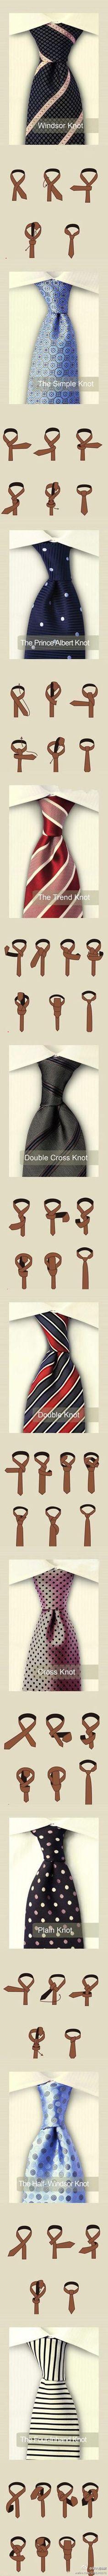 Ties!